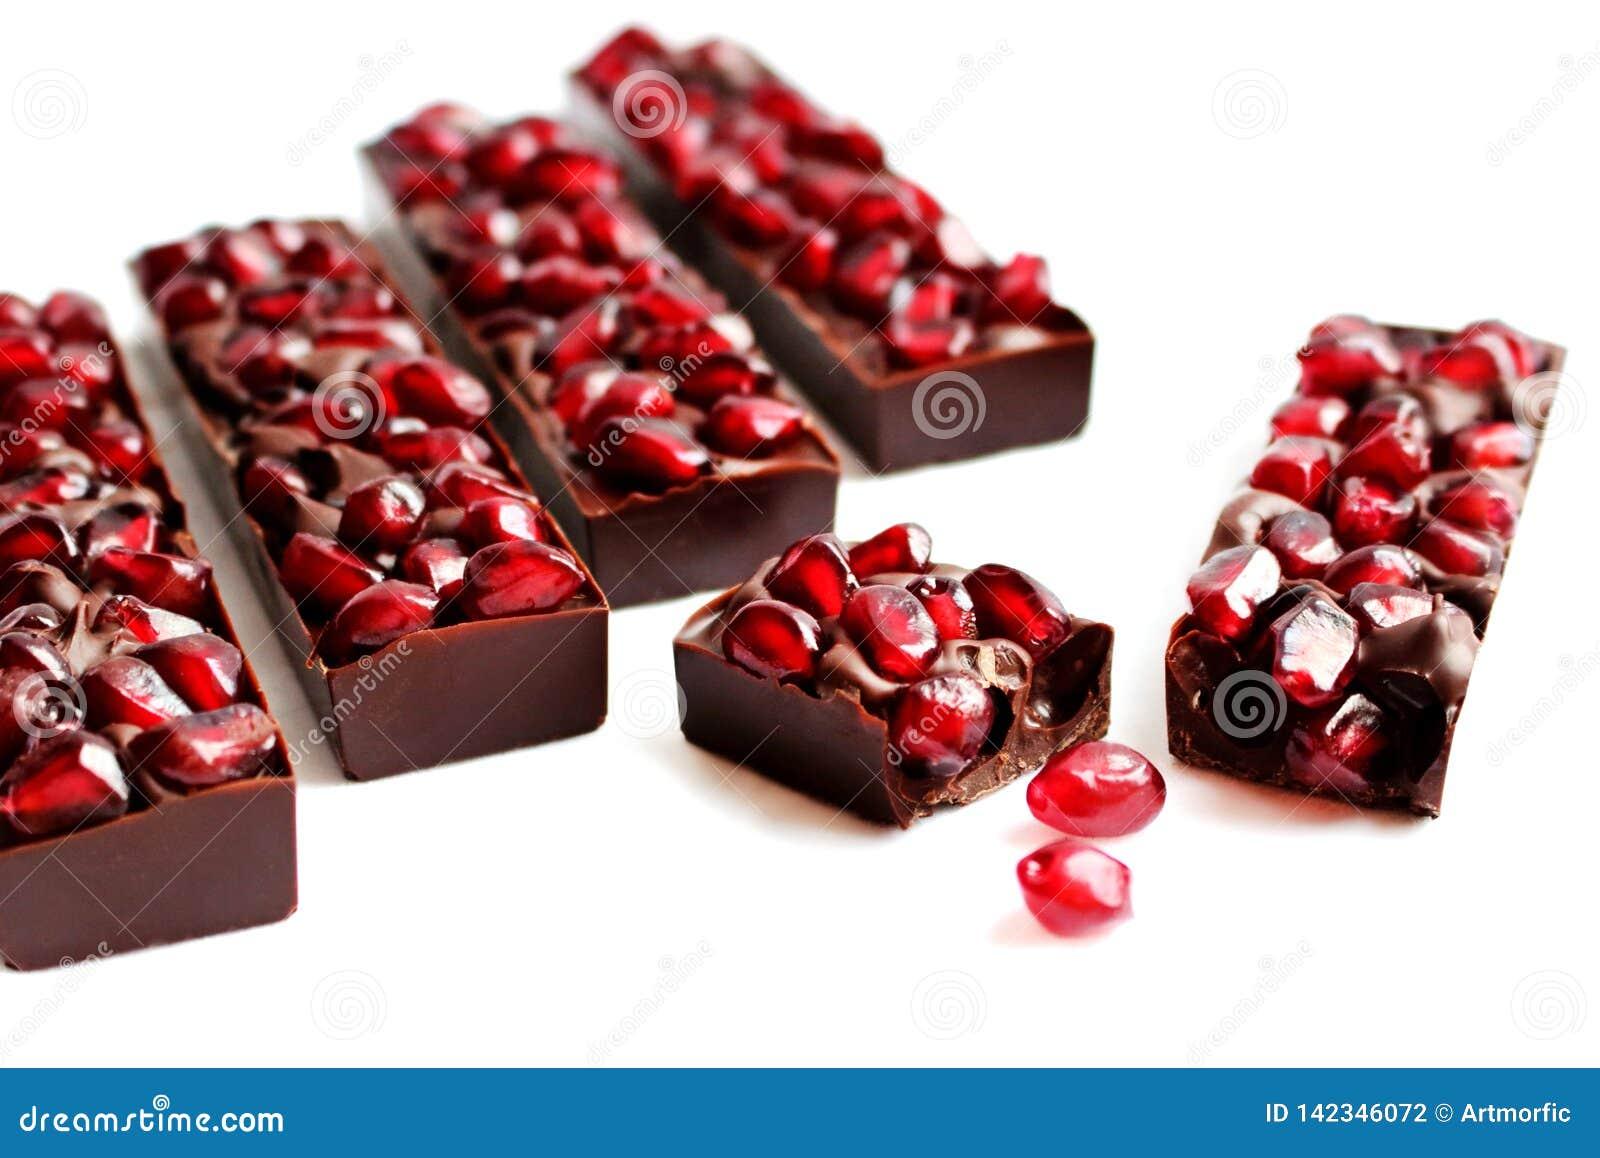 Barre di cioccolato fondente del melograno su fondo bianco